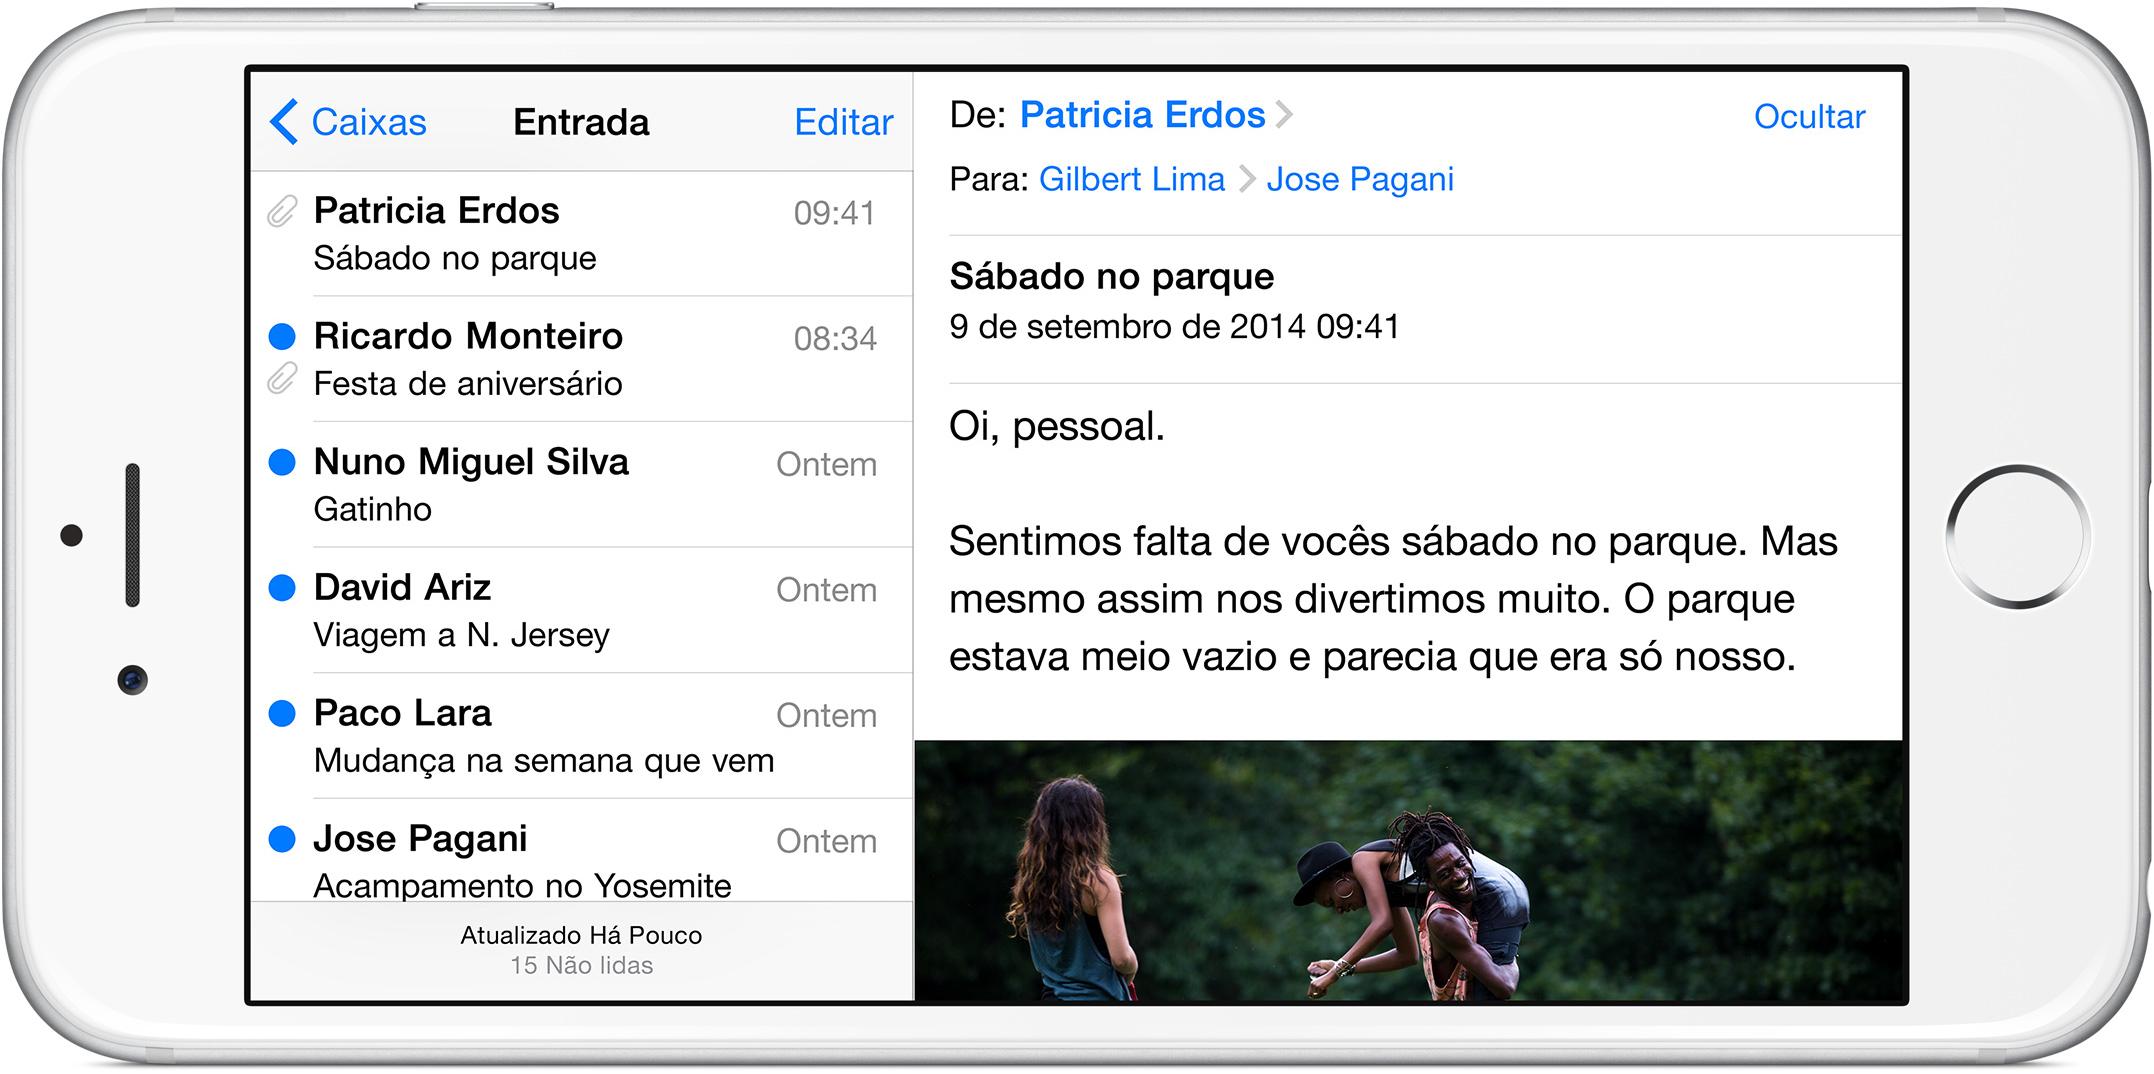 Modo paisagem do iPhone 6 Plus